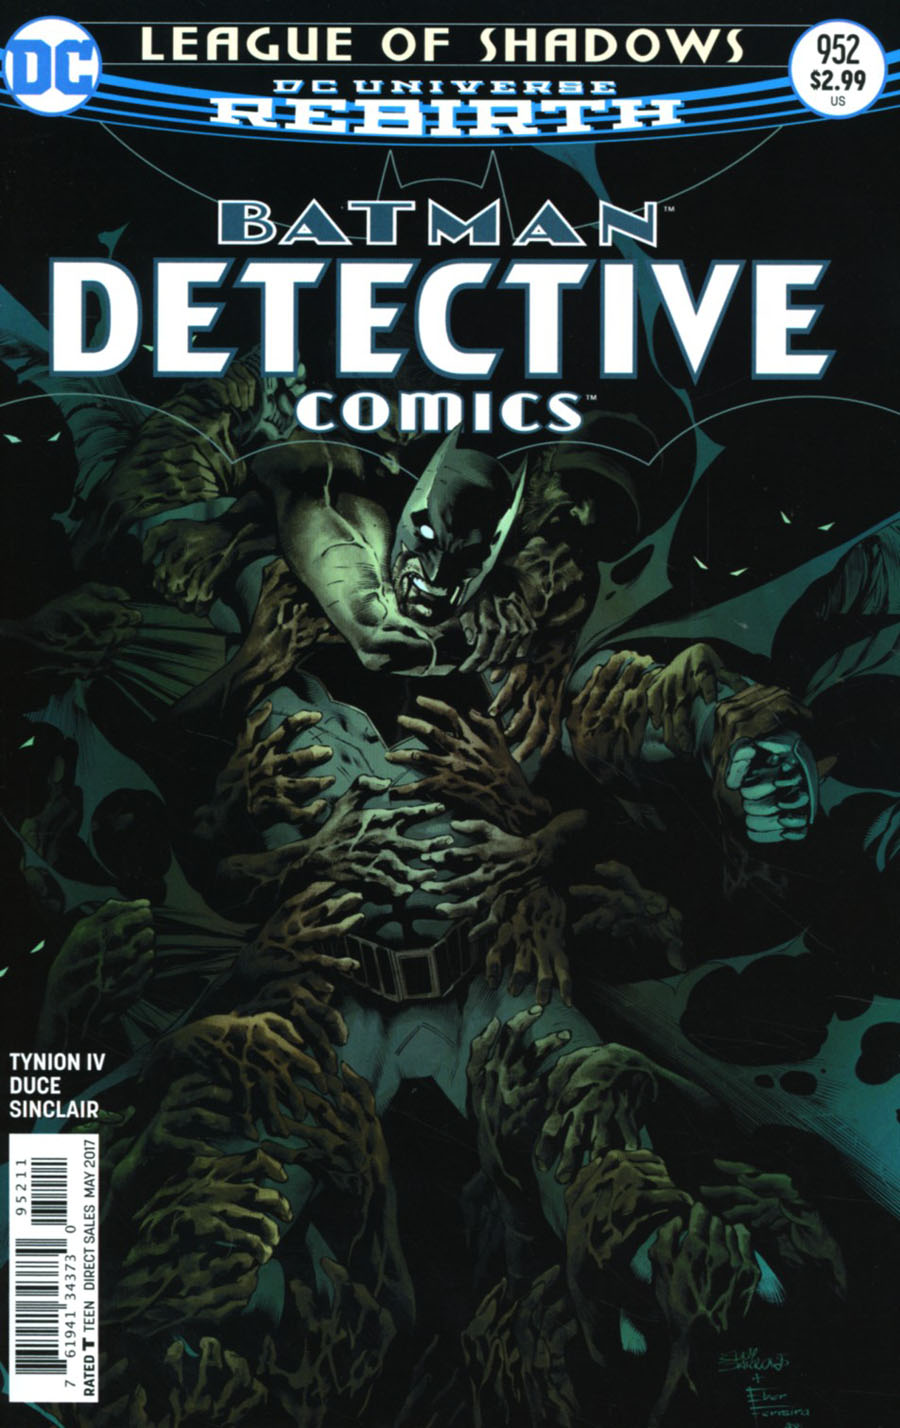 Batman - Detective Comics 952 - League of Shadows